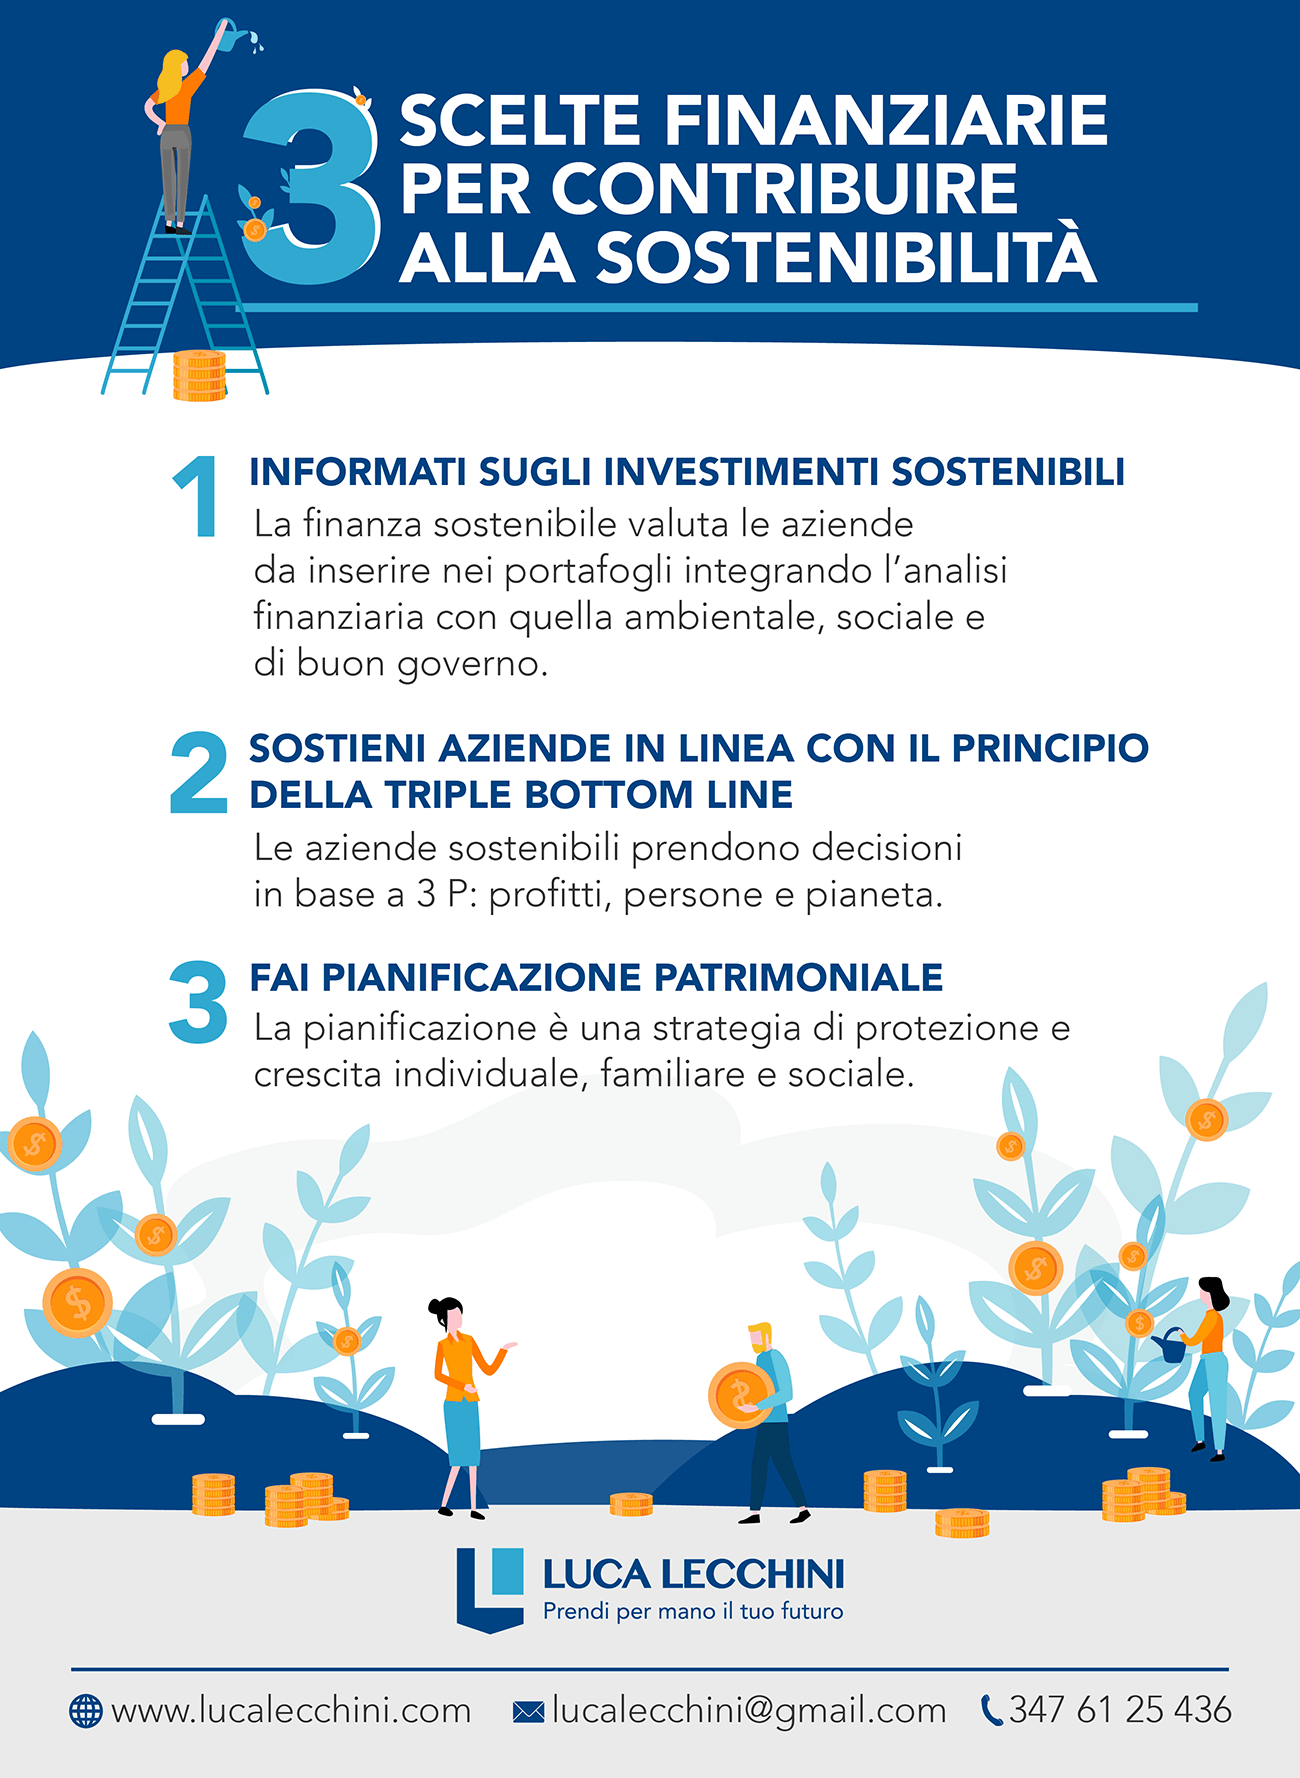 infografica su finanza sostenibile